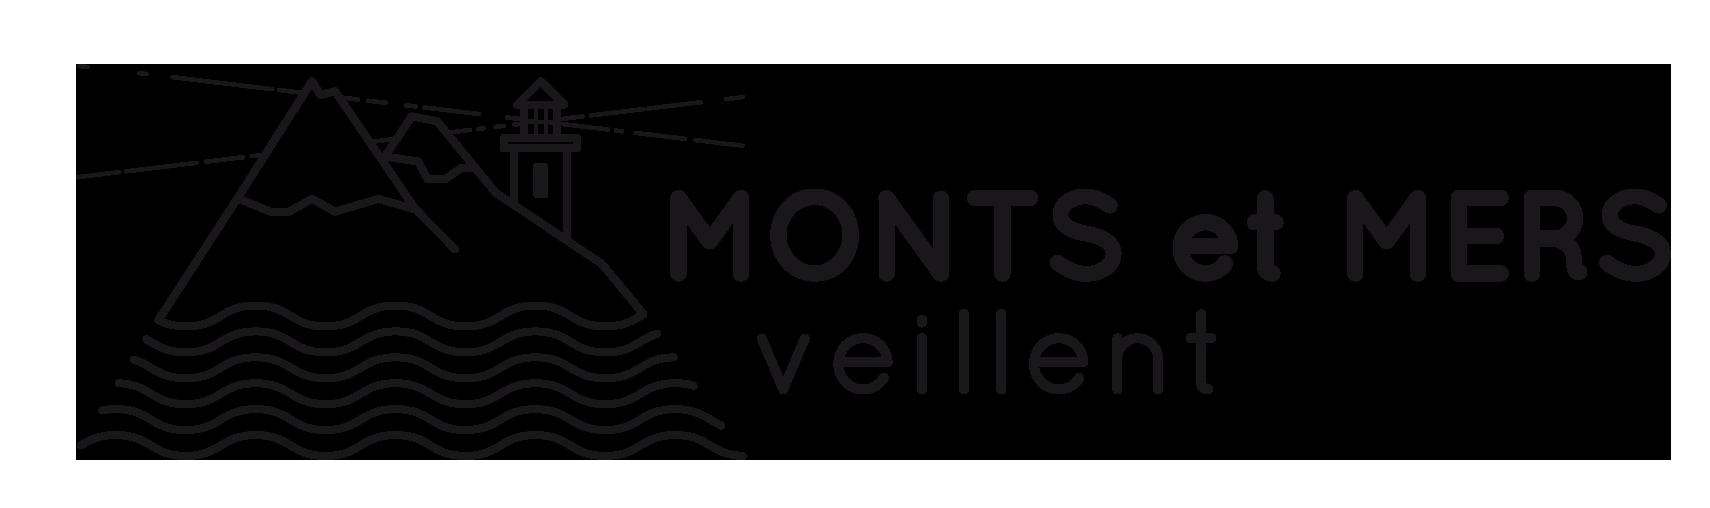 Monts et Mers Veillent